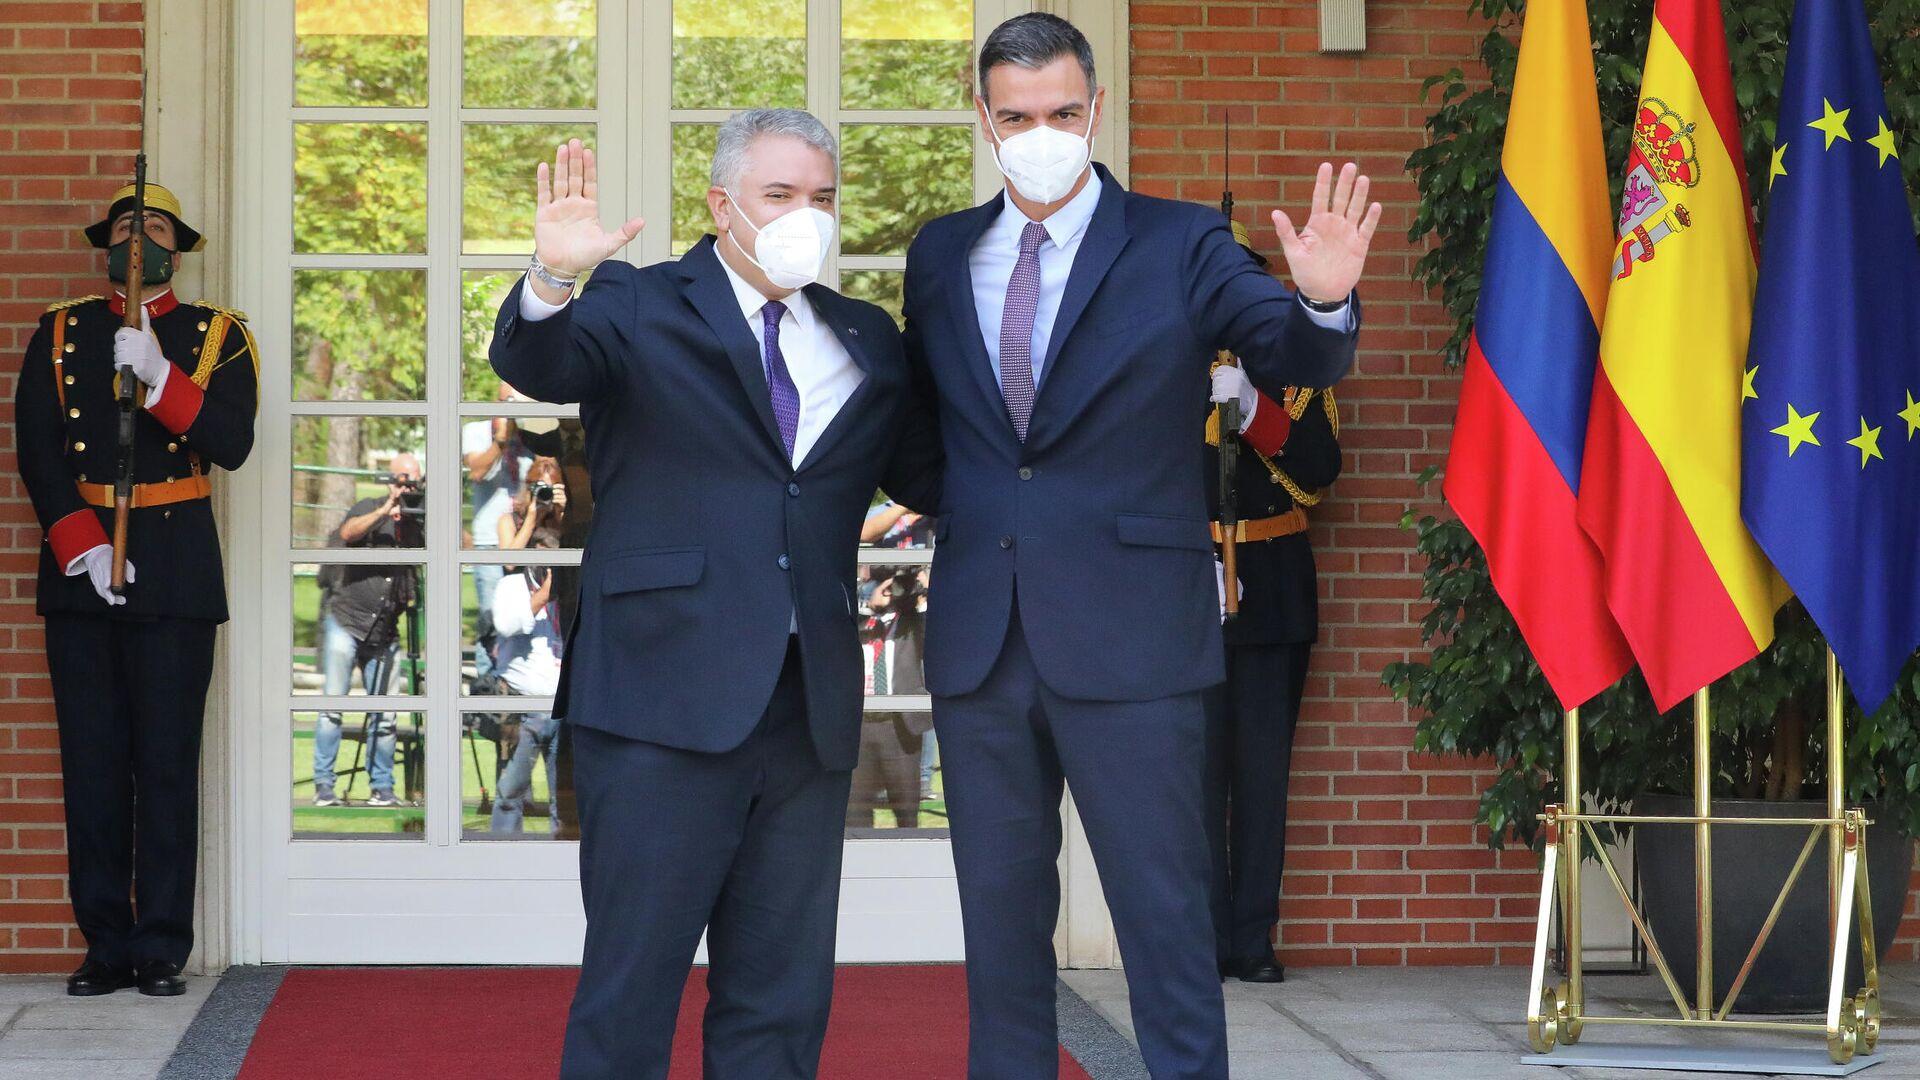 El presidente del Gobierno, Pedro Sánchez (d), y el presidente de la República de Colombia, Iván Duque, saludan en el Palacio de la Moncloa - Sputnik Mundo, 1920, 16.09.2021